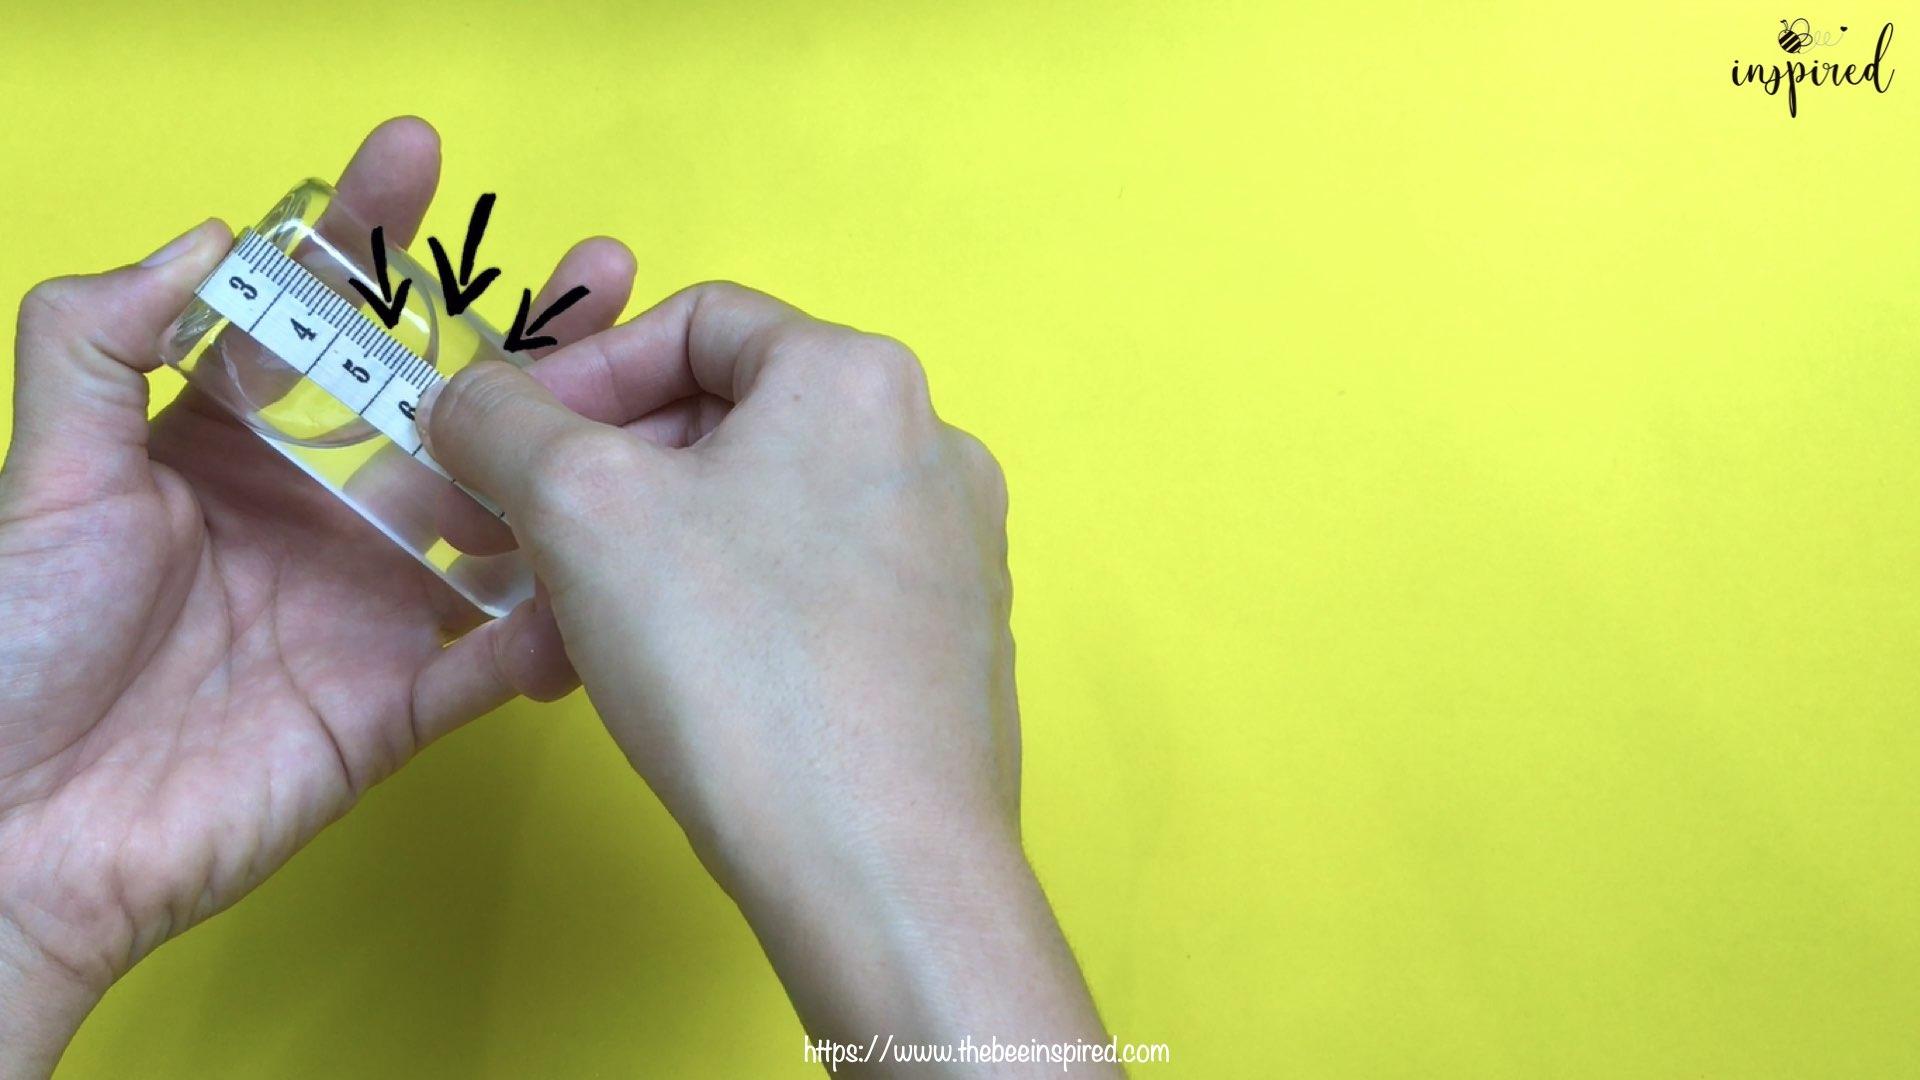 Hand Sanitizer Holder for Alcohol Gel Bottle-Website Pics.005